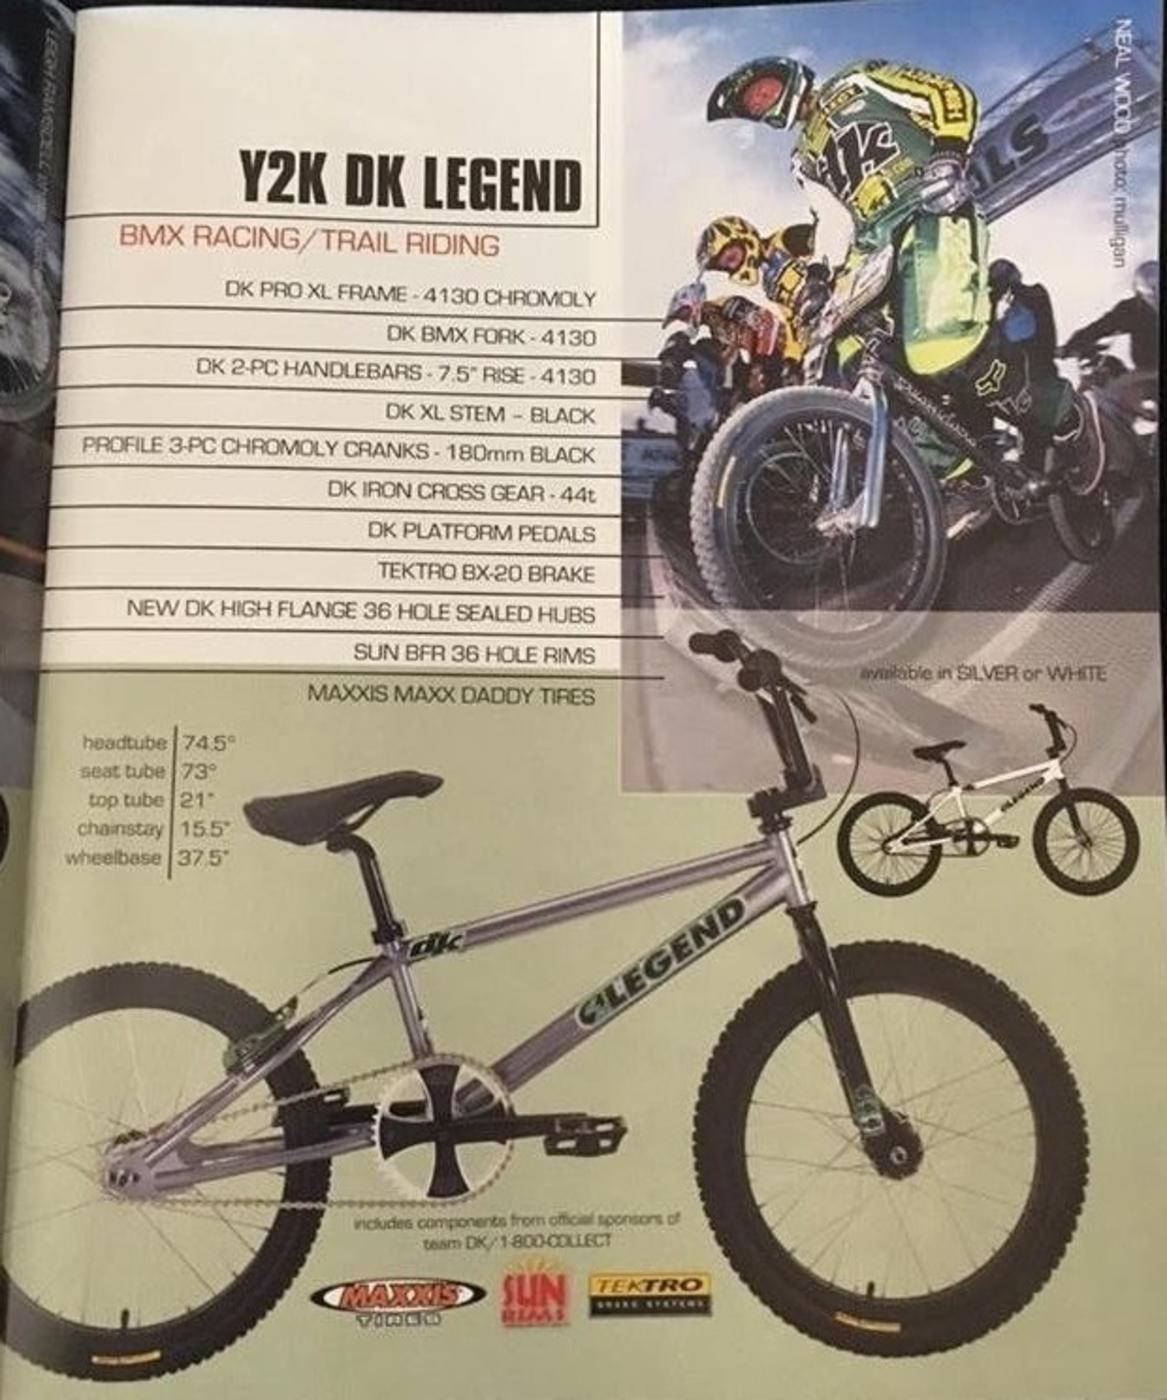 BMXmuseum.com Reference / 2000 DK Legend